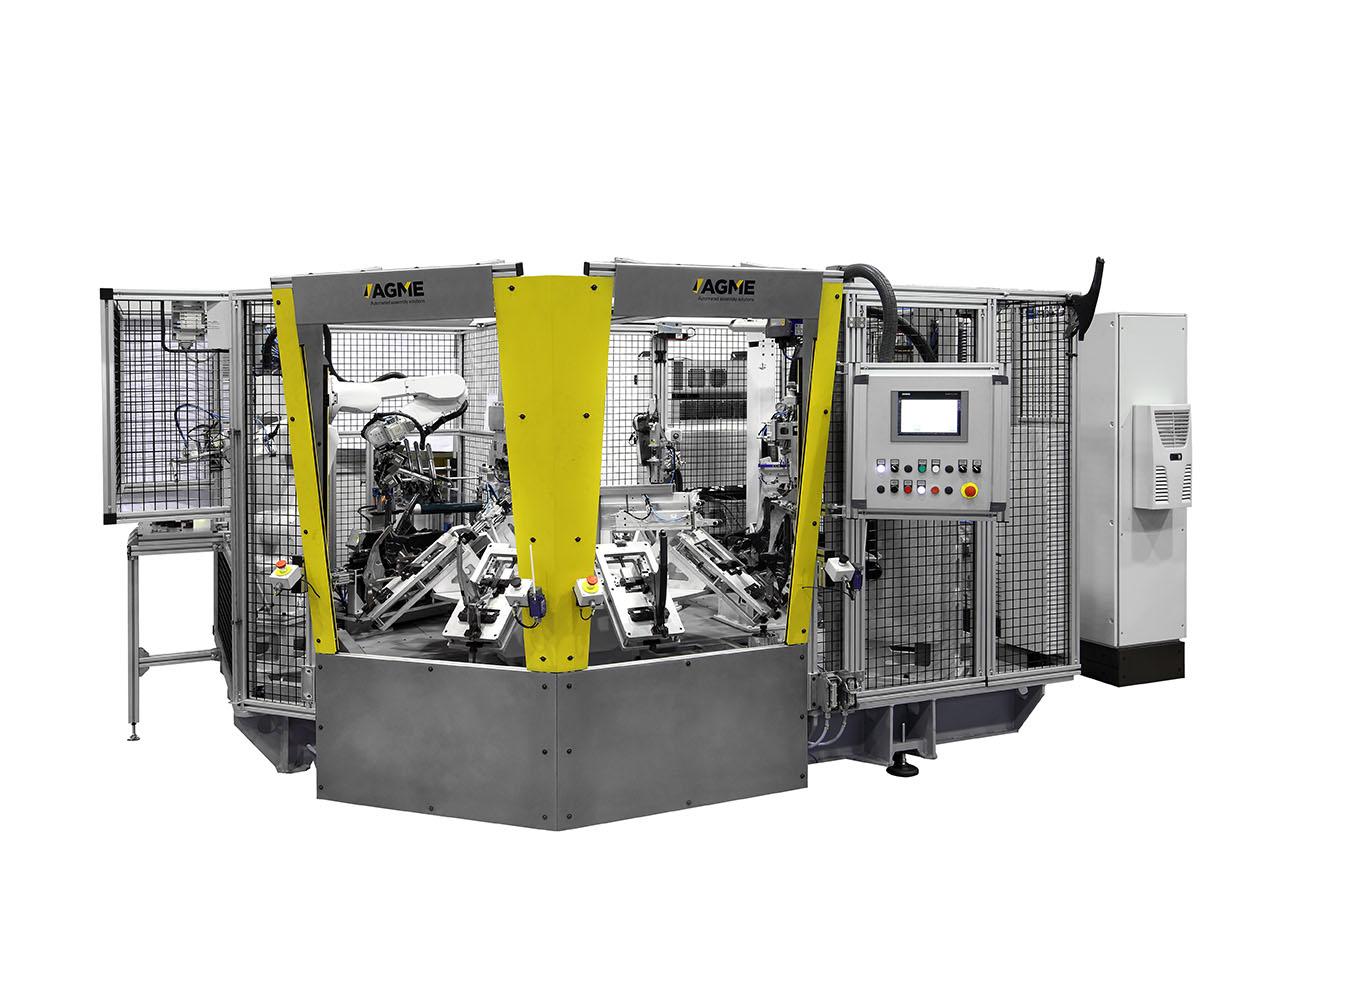 Otros sistemas de manipulación, automatización industrial y montaje agme_montaje_frenos mano